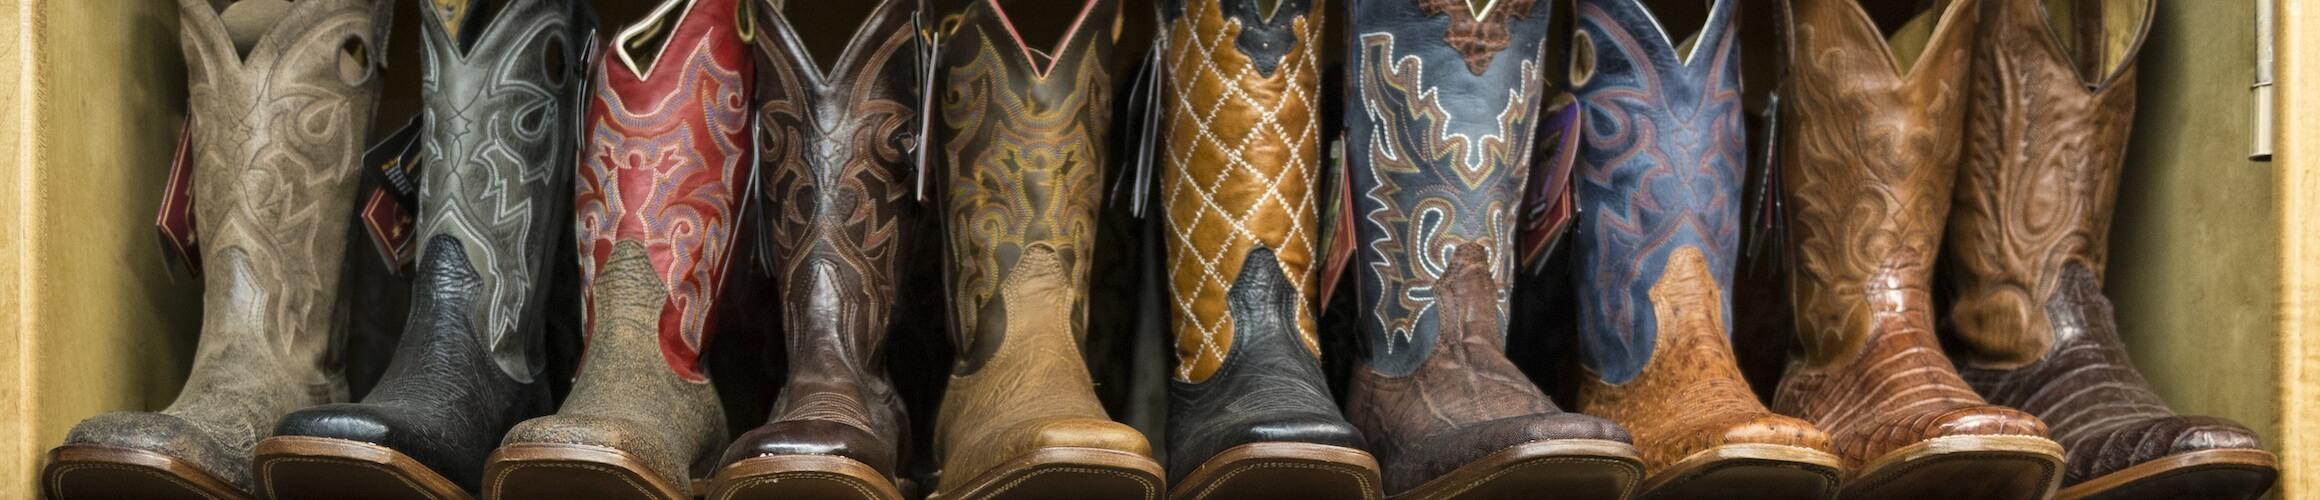 Cowboy Boots 553668